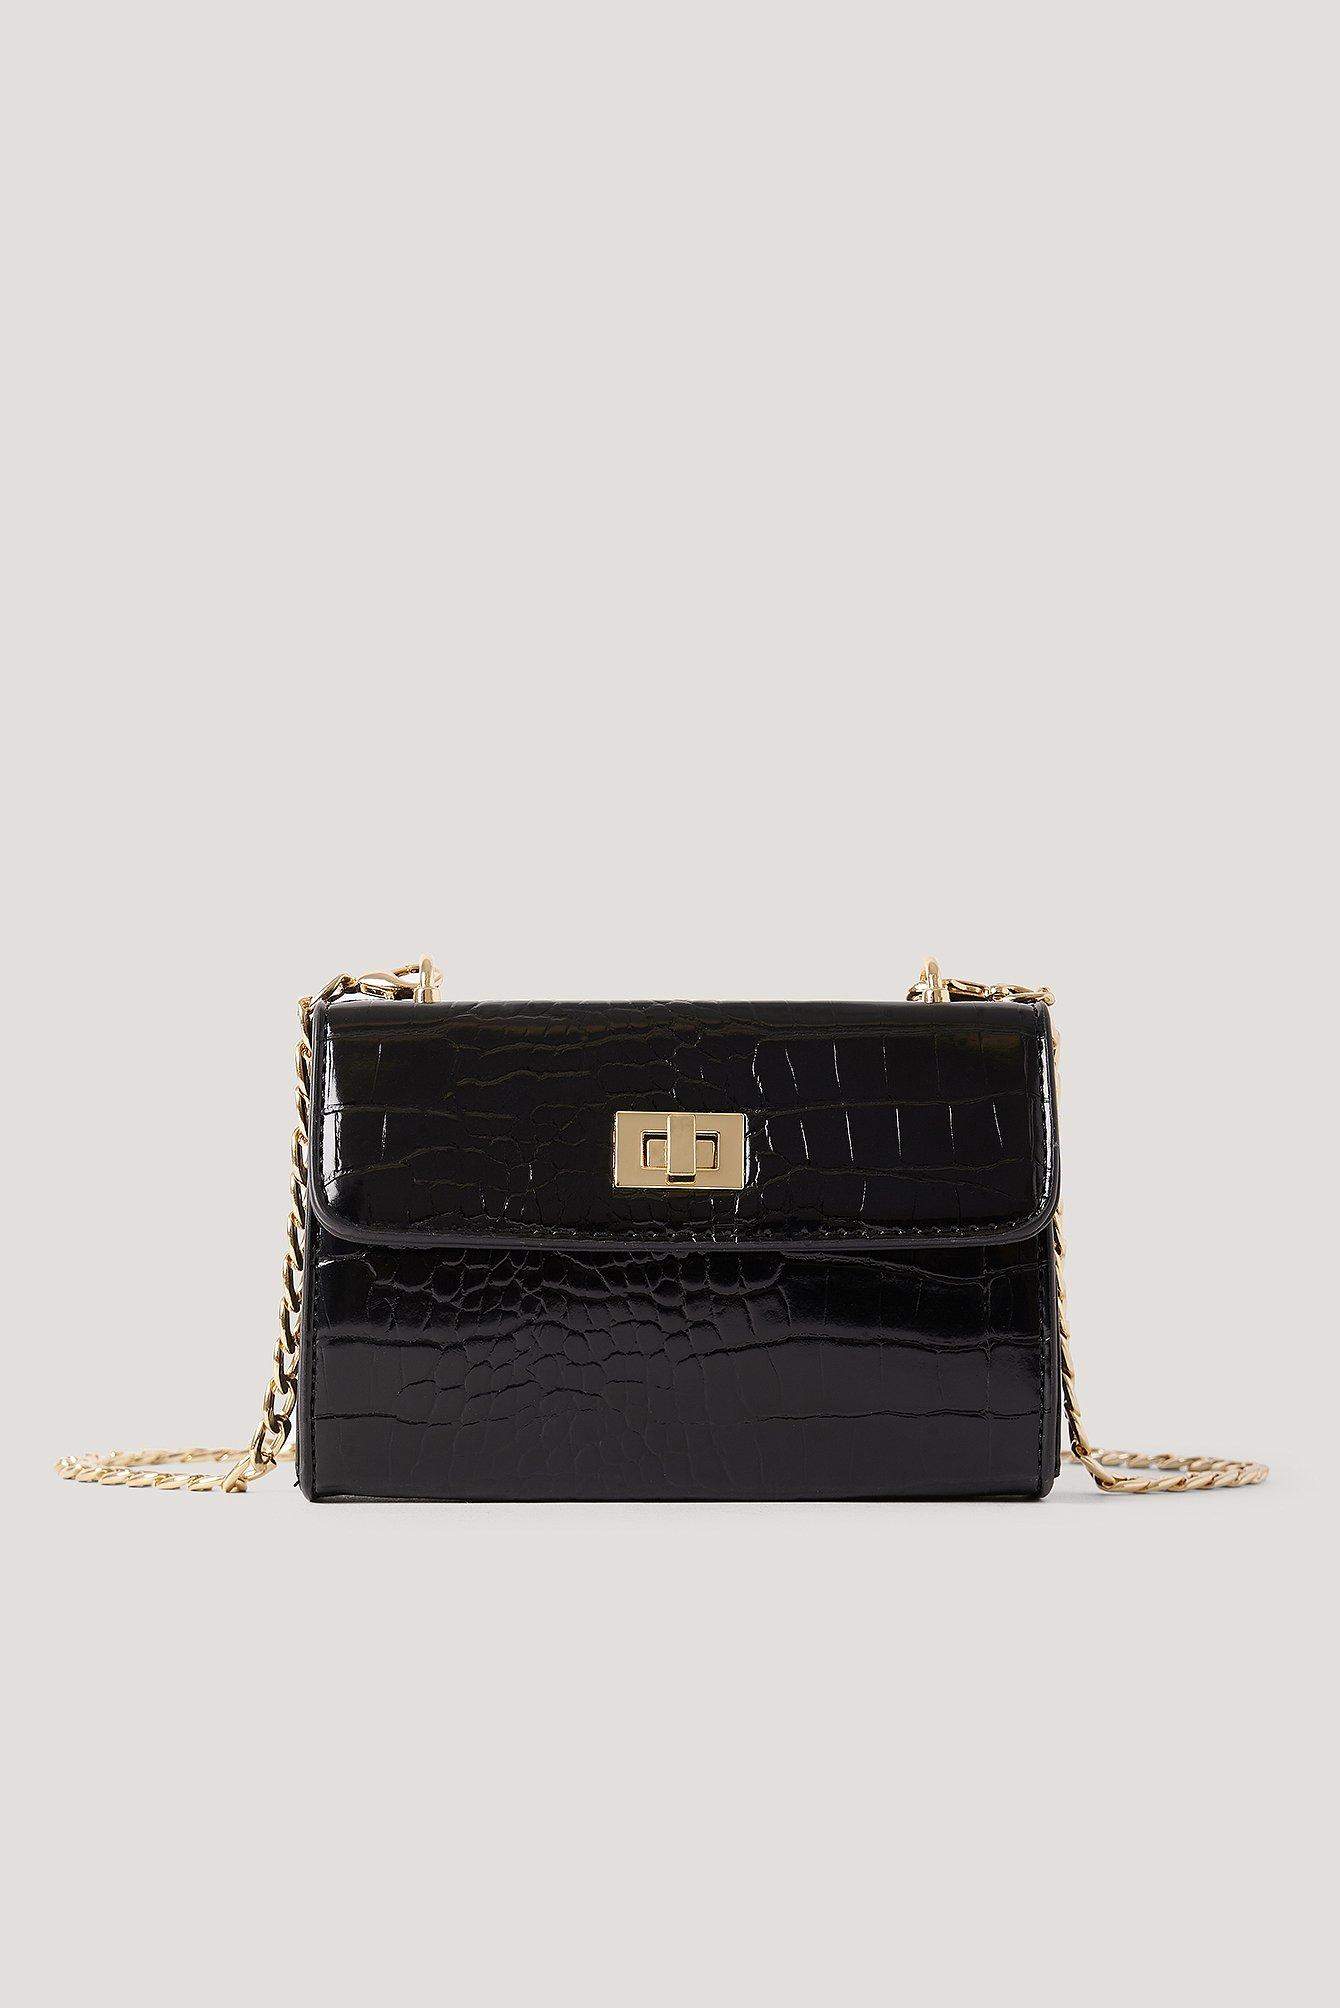 NA-KD Accessories Croc-Tasche Mit Kettendetail - Black   Taschen > Handtaschen > Sonstige Handtaschen   NA-KD Accessories